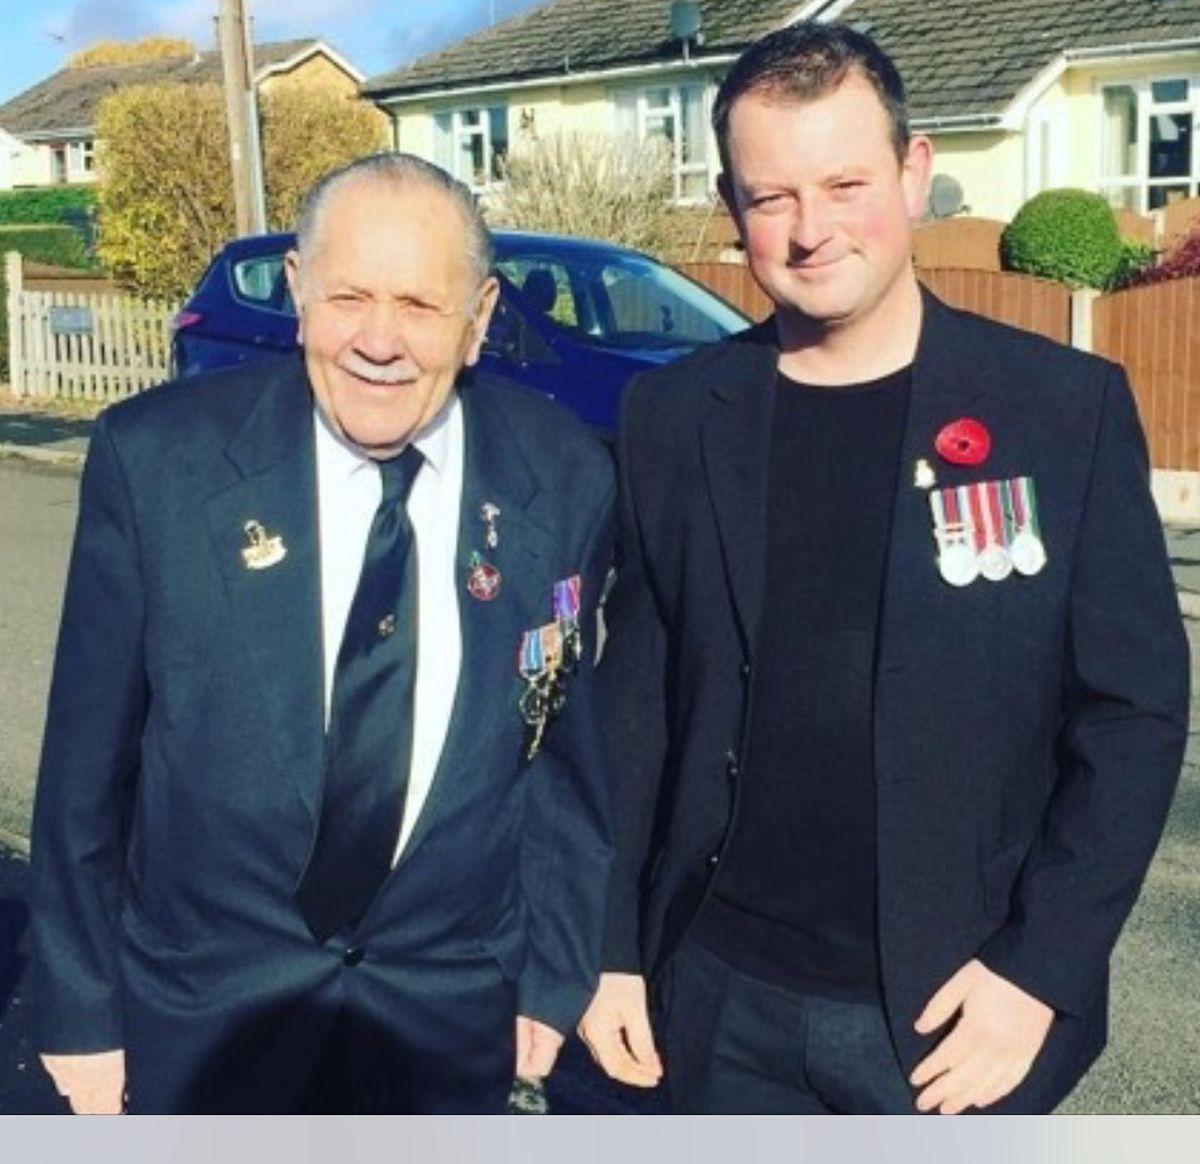 Geoff Tipton with his grandson Matthew